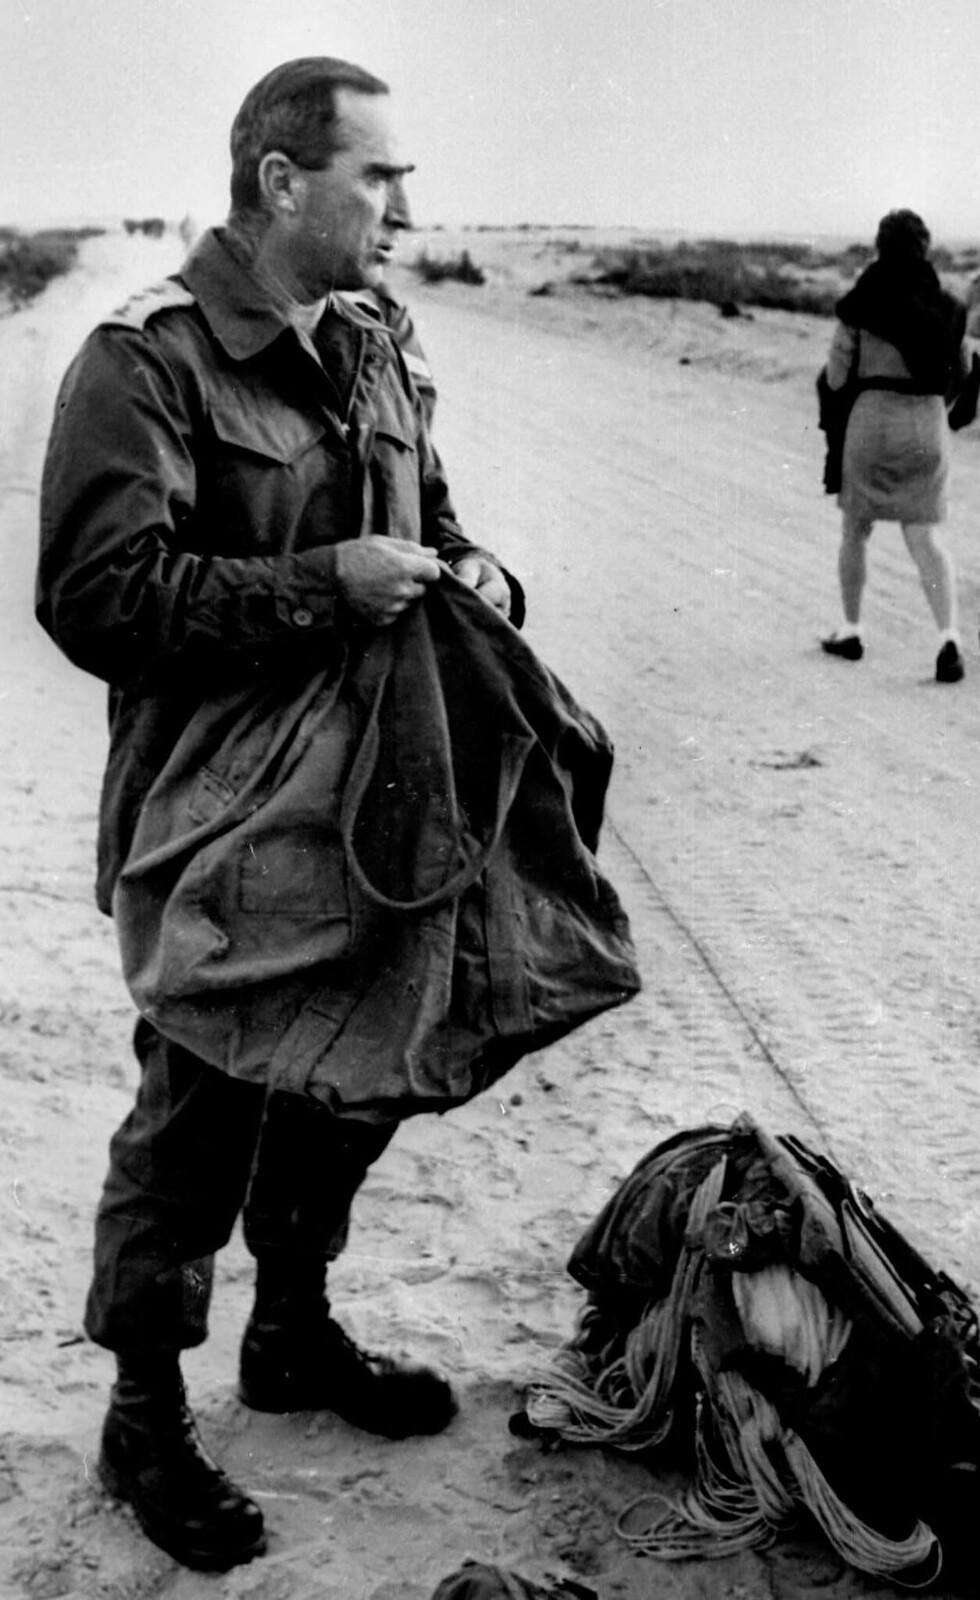 Полковник Рафаэль Эйтан стоит на этой недатированной фотографии после завершения прыжка с парашютом